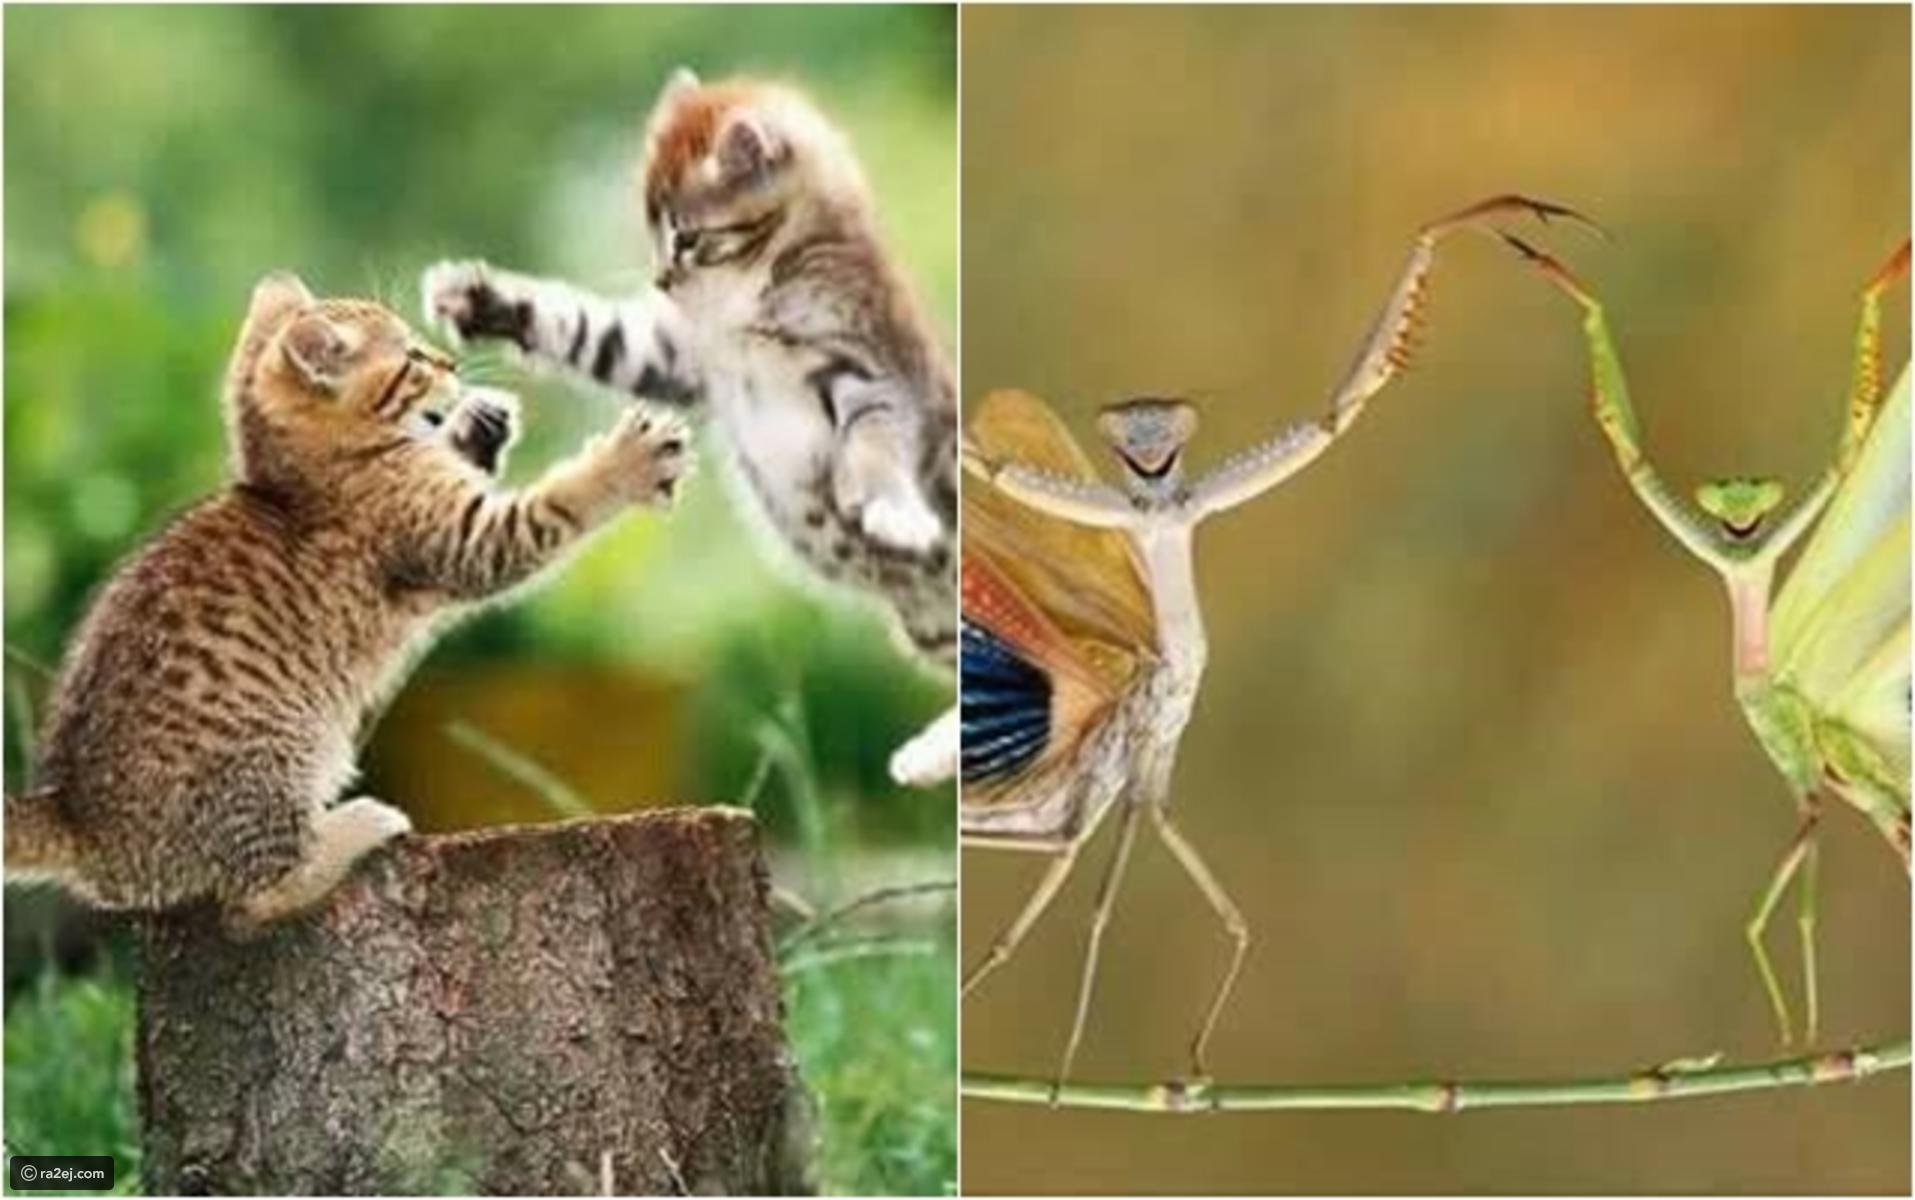 بالصور صور حيوانات مضحكة , صور كوميكسات حيوانات كوميدي 4447 10